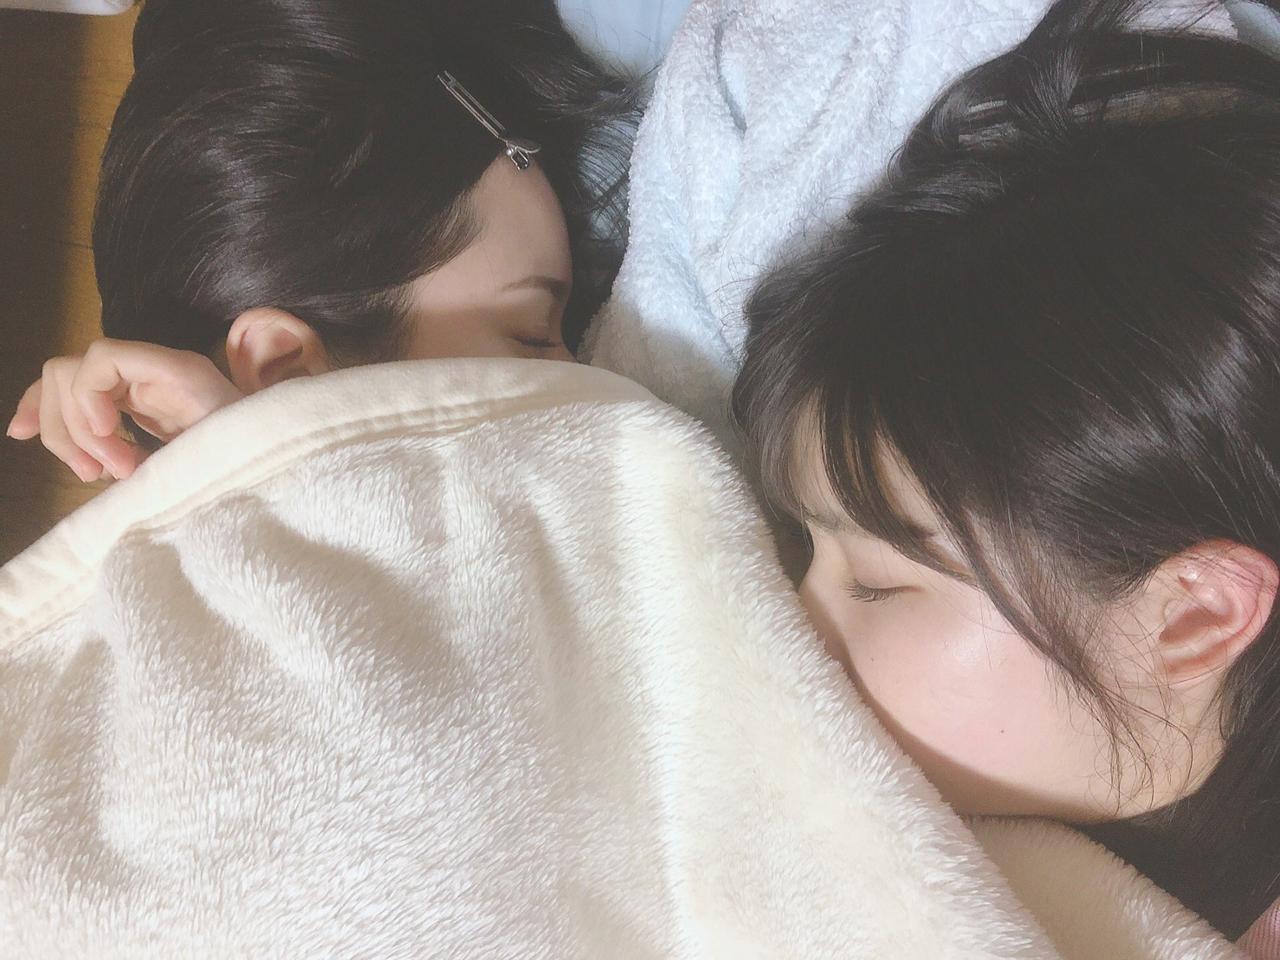 おやすみ、いい夢見てね。いつもありがとおお🤤